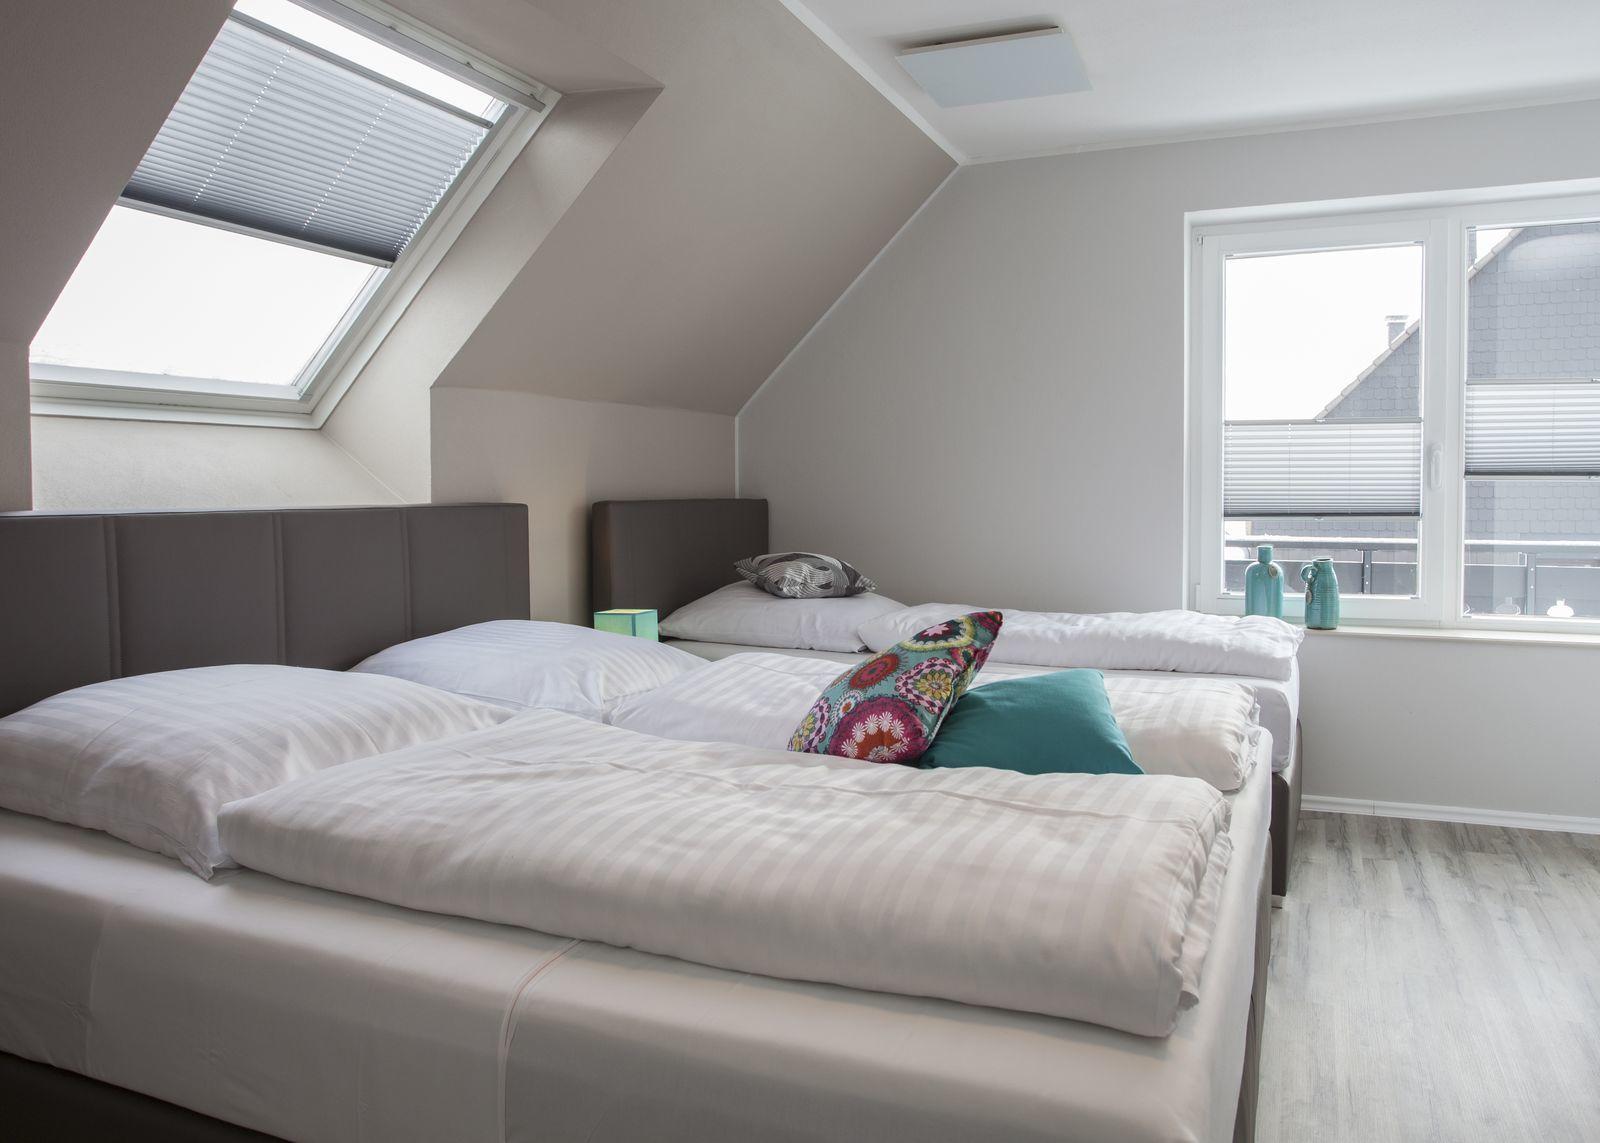 Ferienwohnung - Komfort 5 Personen